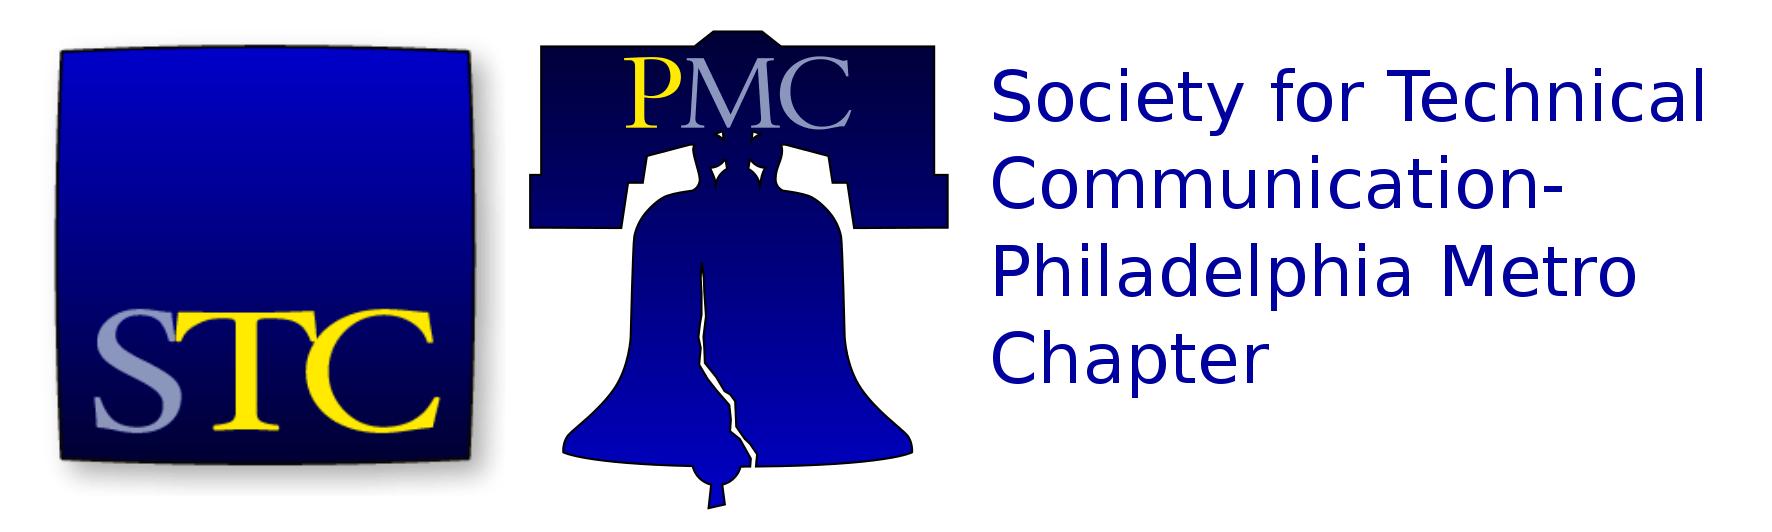 STC-PMC CONDUIT 2019: Workshops